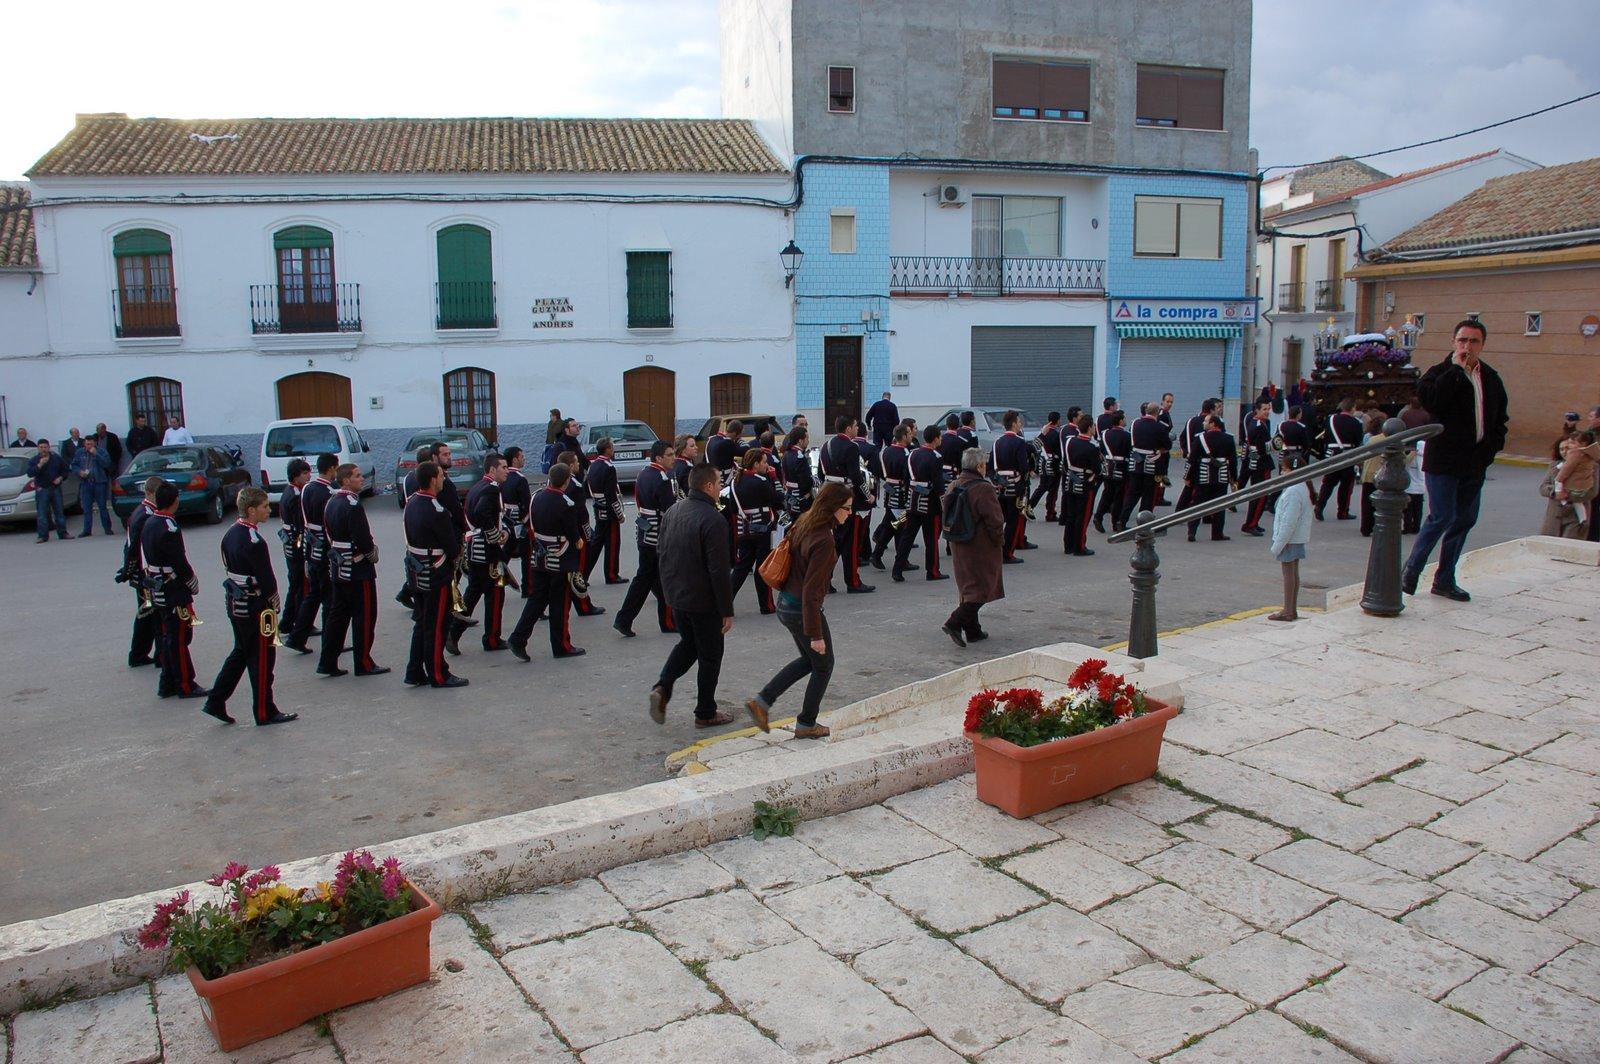 sigue la banda acompañando al sepulcro